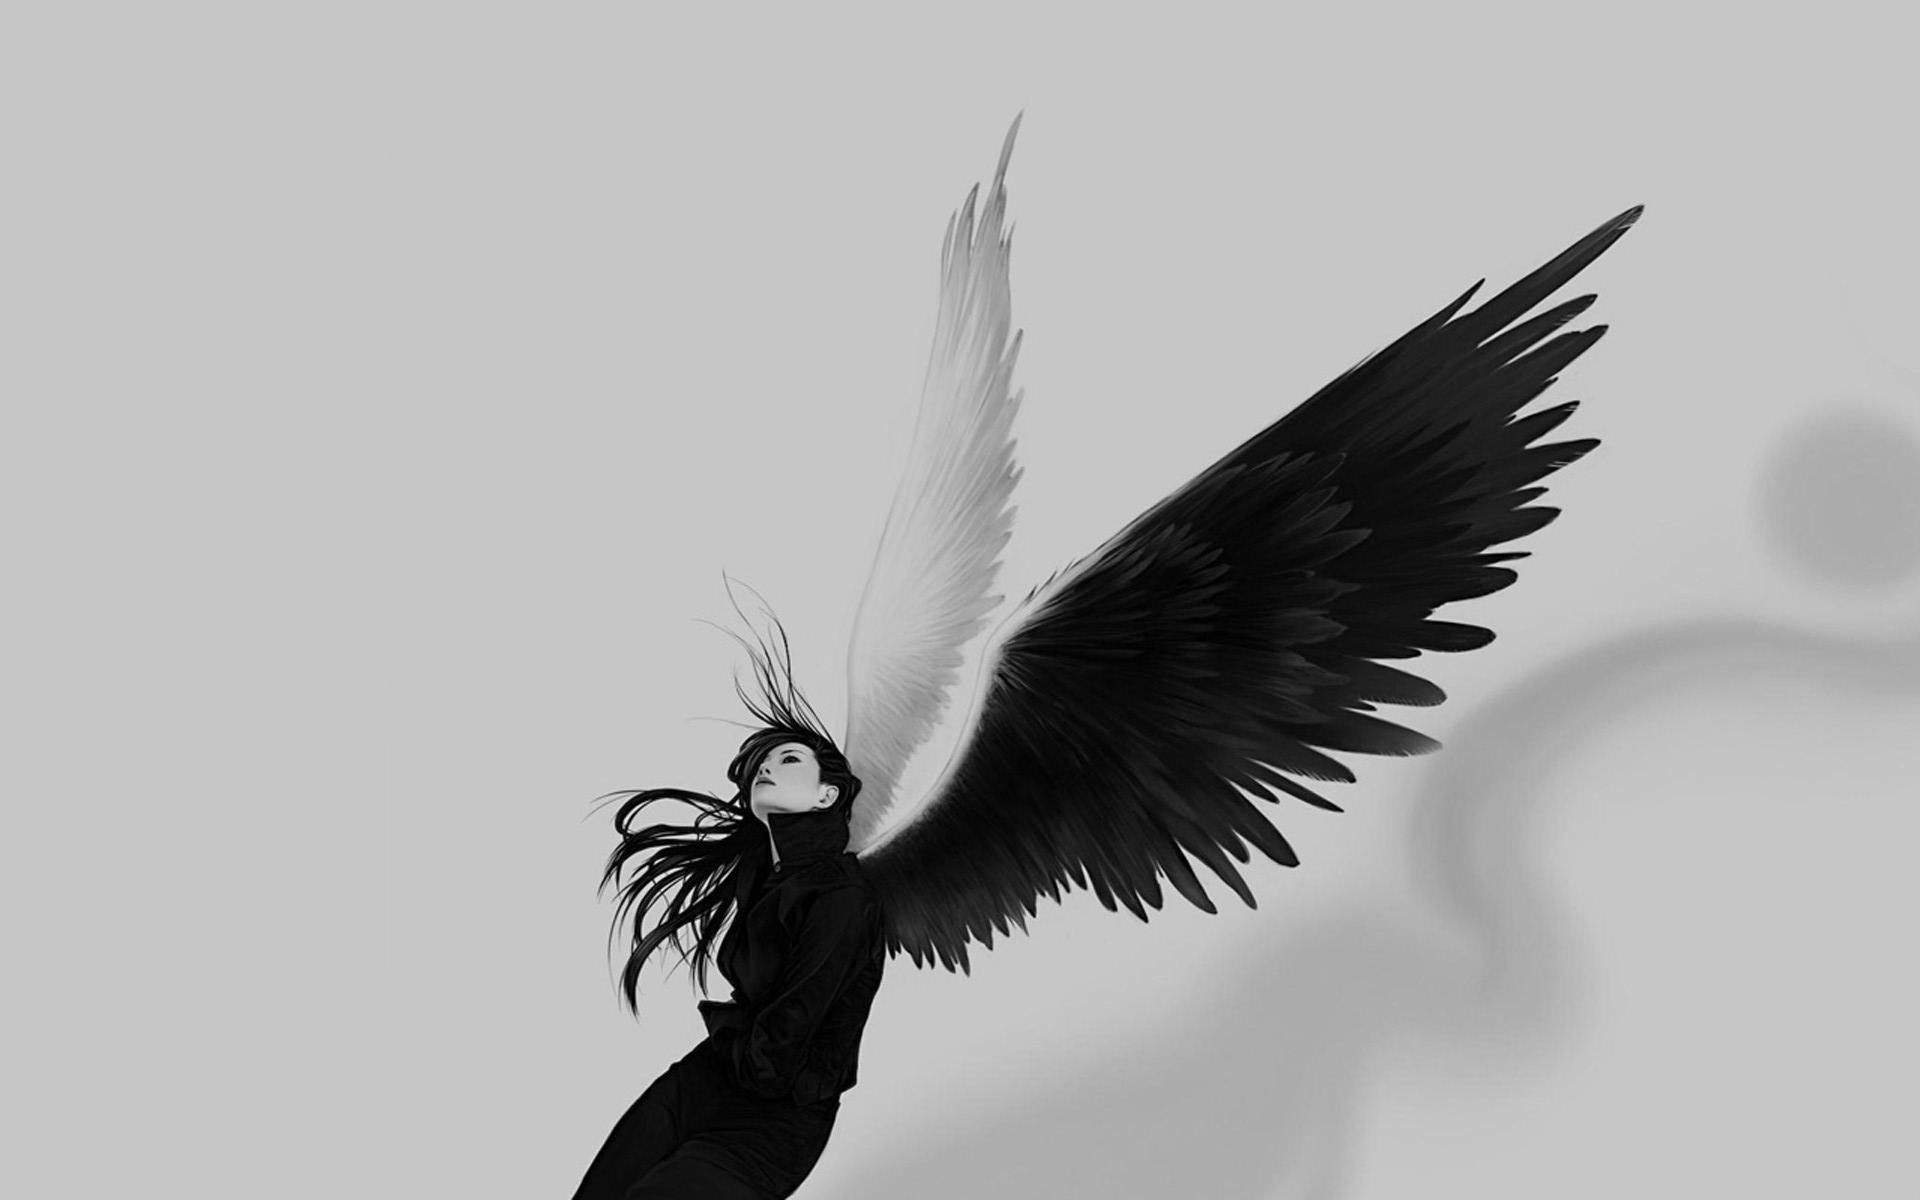 Chica con alas blanco y negro - 1920x1200